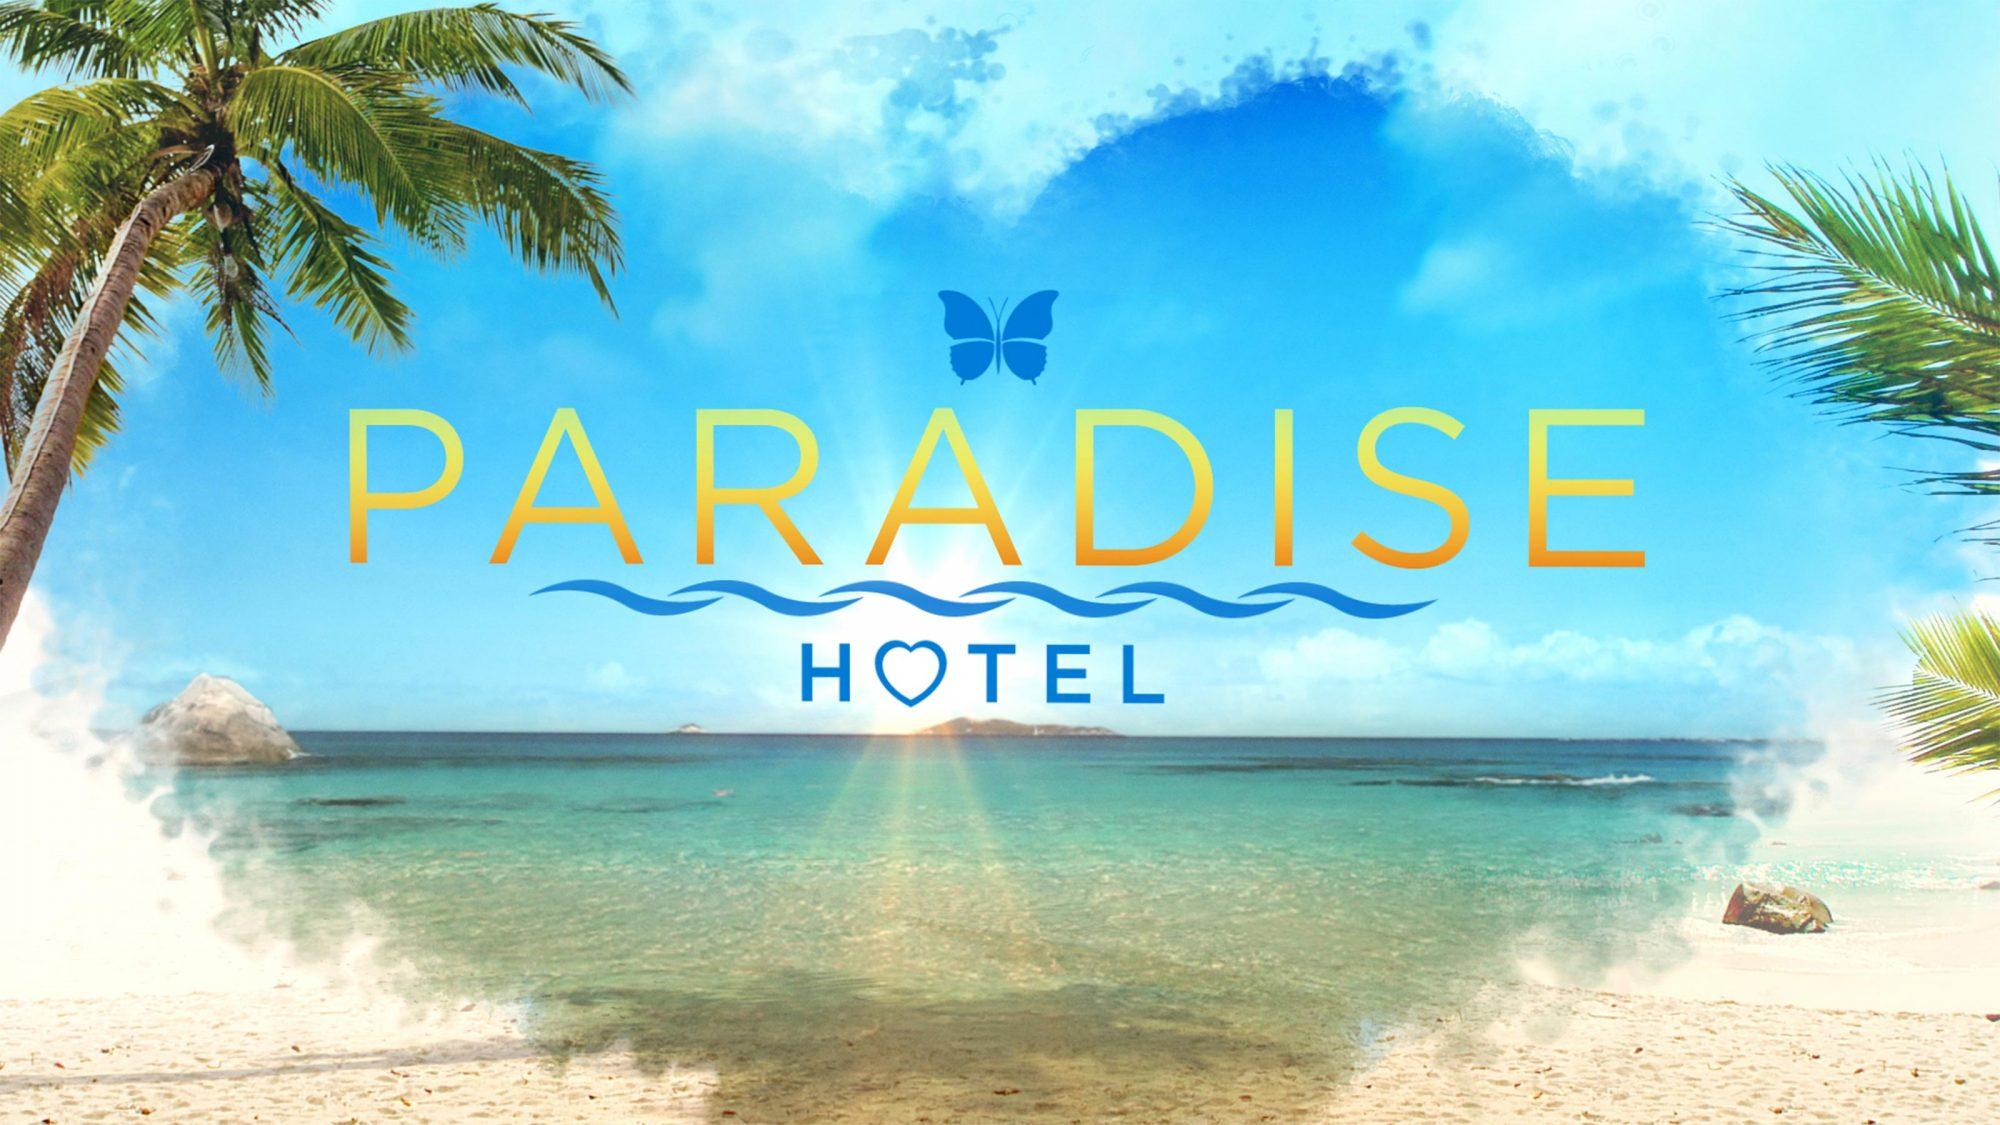 PARADISE HOTEL Logo © FOX 2019